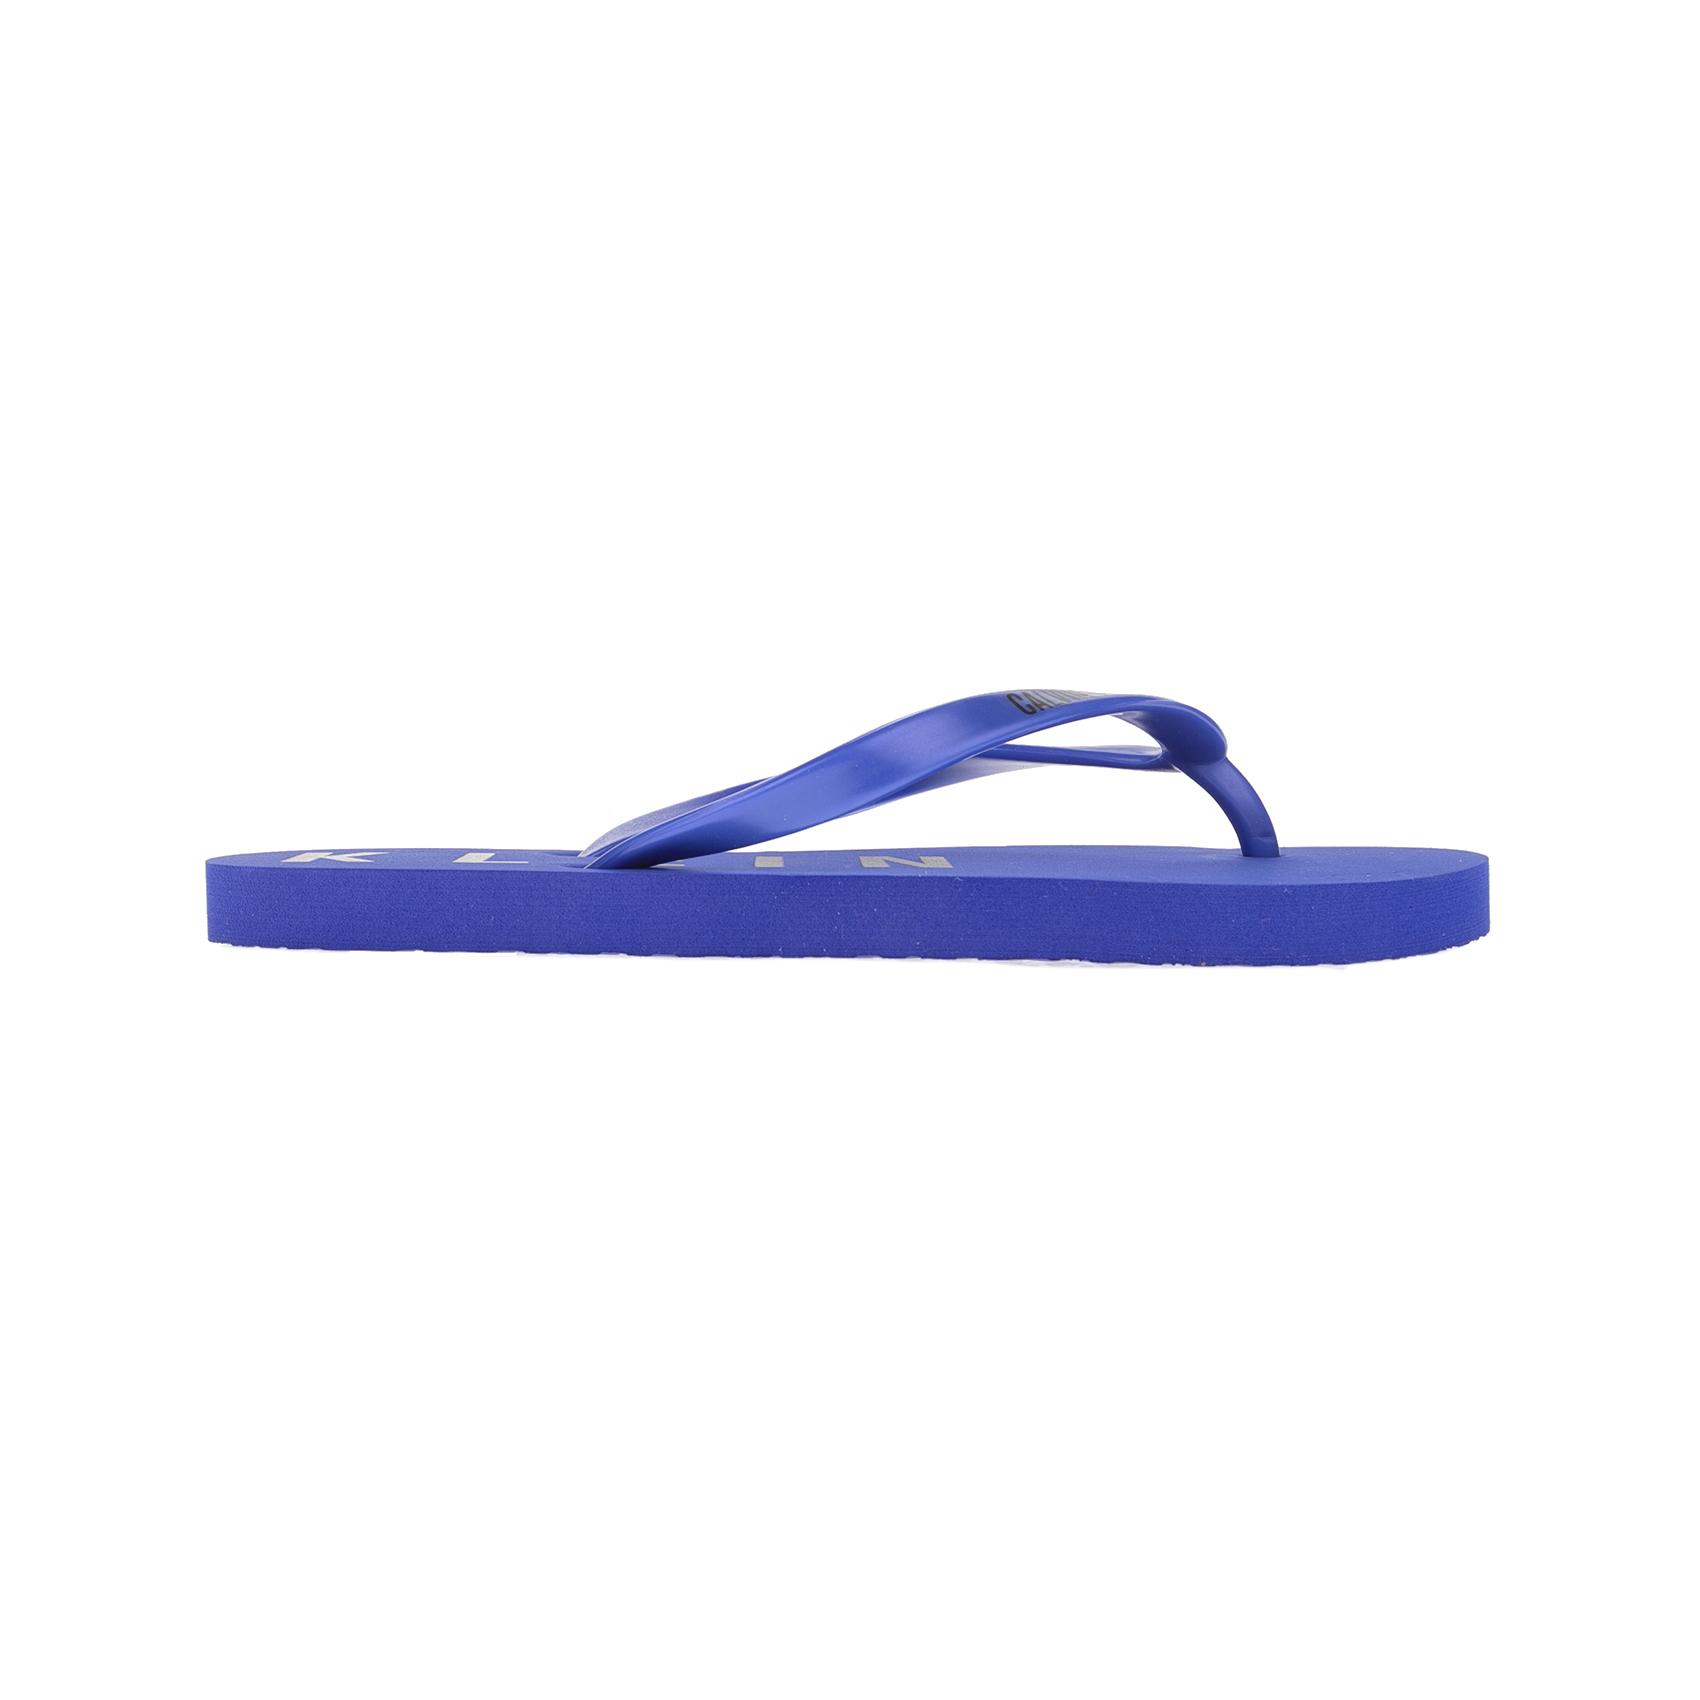 CK UNDERWEAR – Γυναικείες σαγιονάρες CALVIN KLEIN μπλε